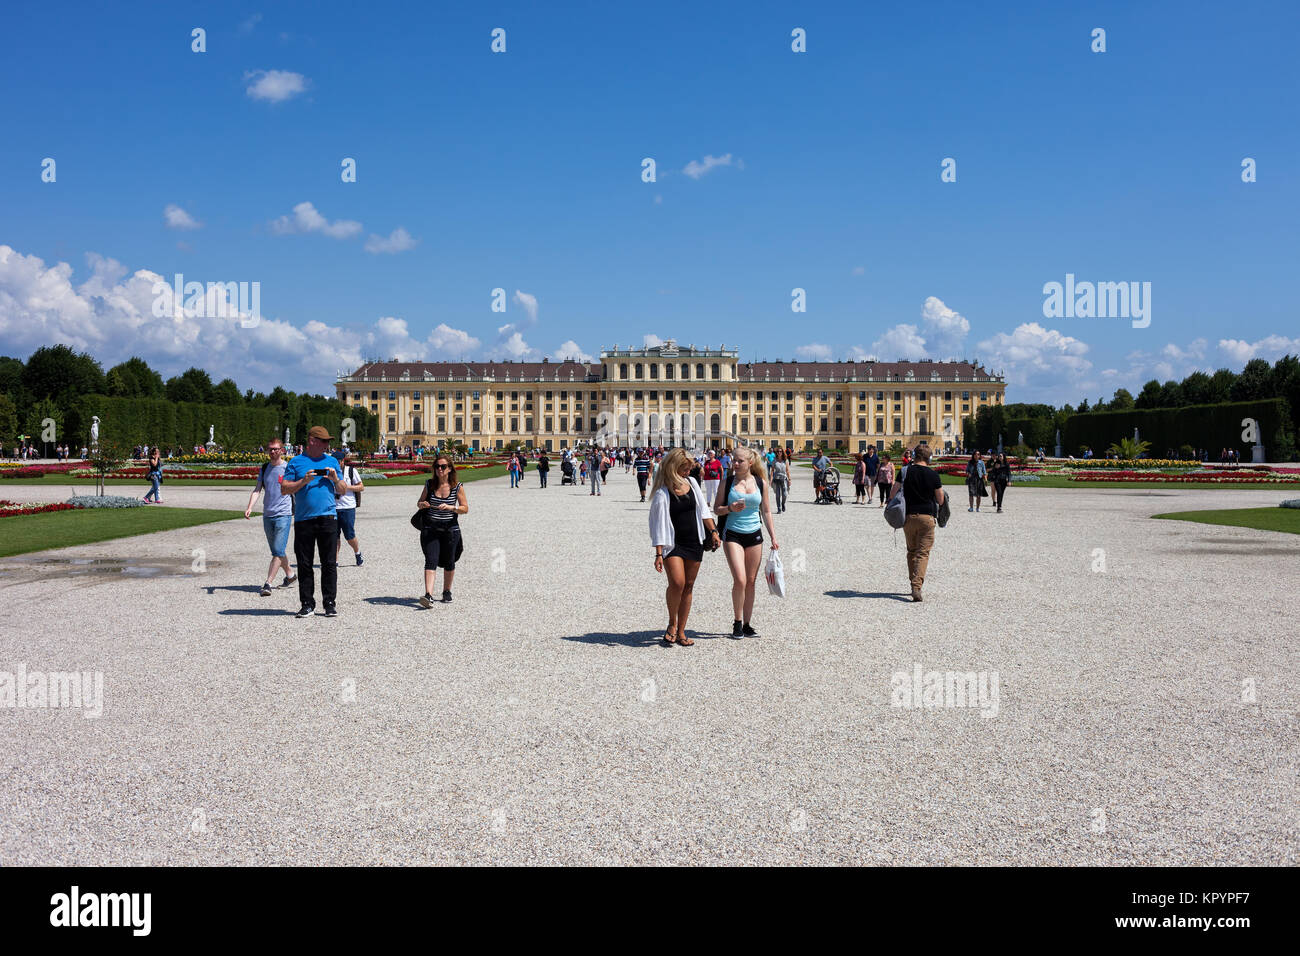 Palais de Schonbrunn, imperial summer résidence baroque, visites de touristes, la ville de Vienne, Autriche, Photo Stock